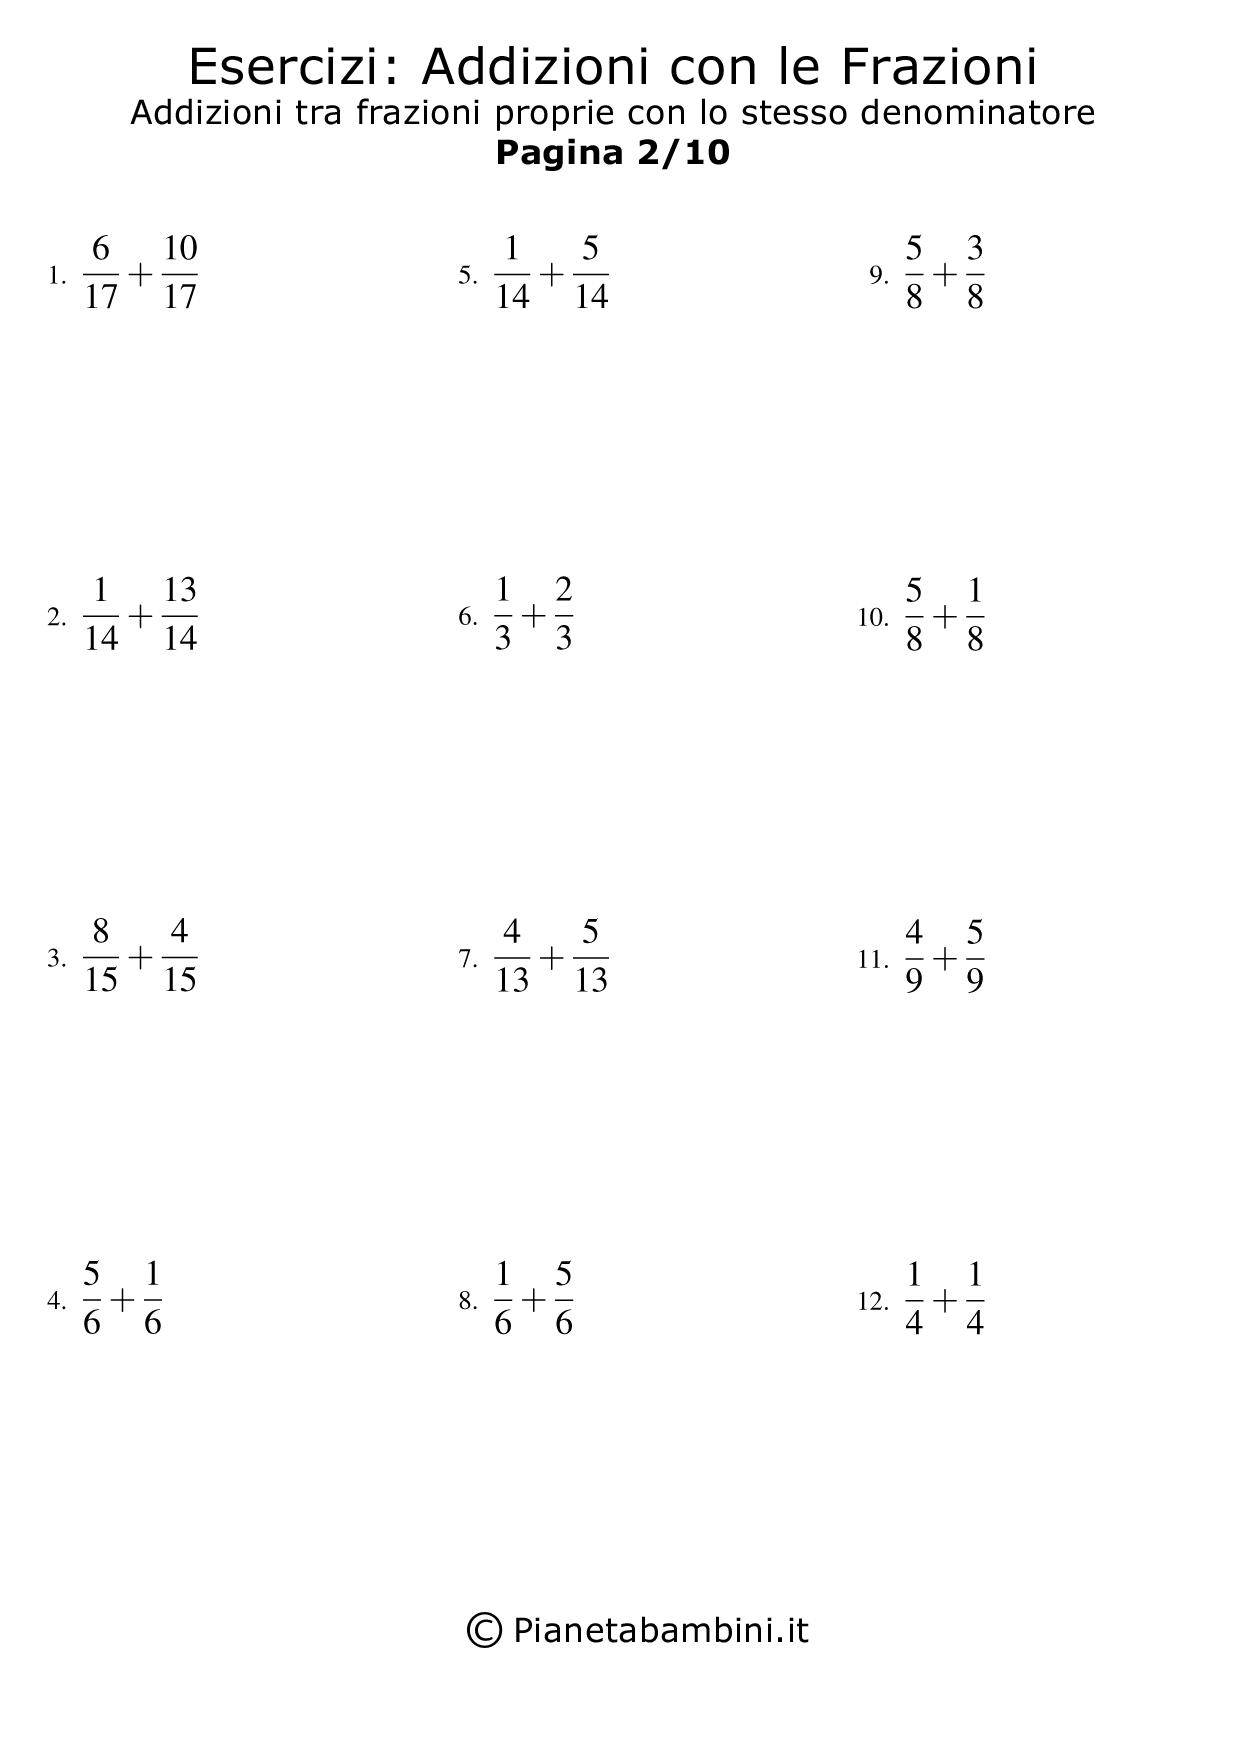 Addizioni-Frazioni-Stesso-Denominatore_02